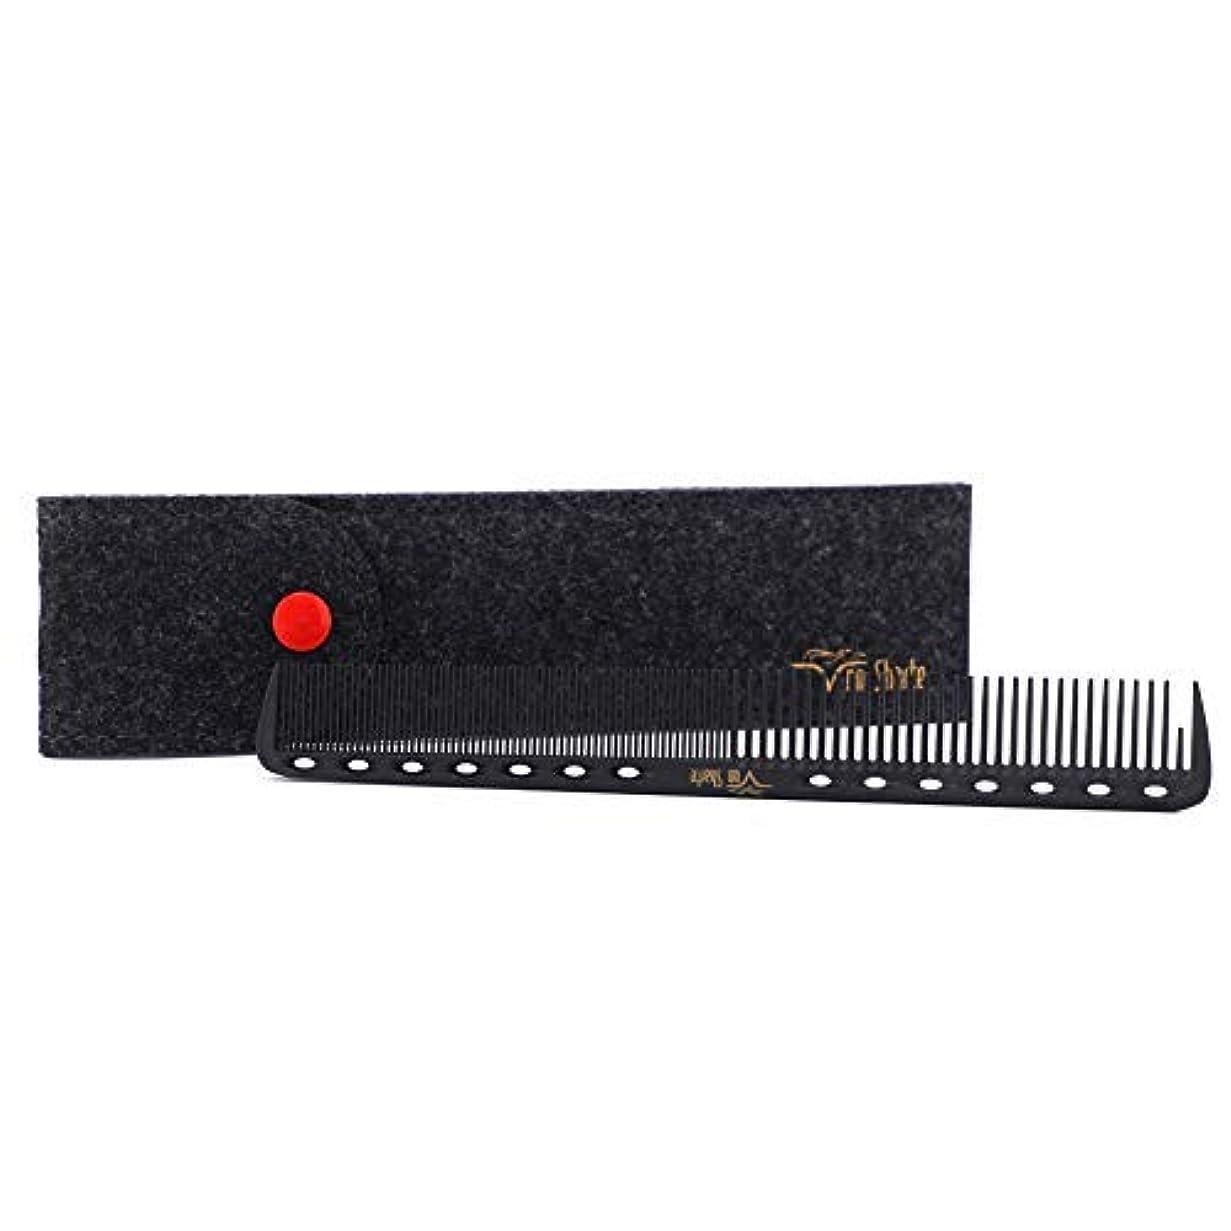 引く中に誇りに思うBarber Comb,Hair Cutting Combs Carbon Fiber Salon Hairdressing Comb 100% Anti Static 230℃ Heat Resistant with...